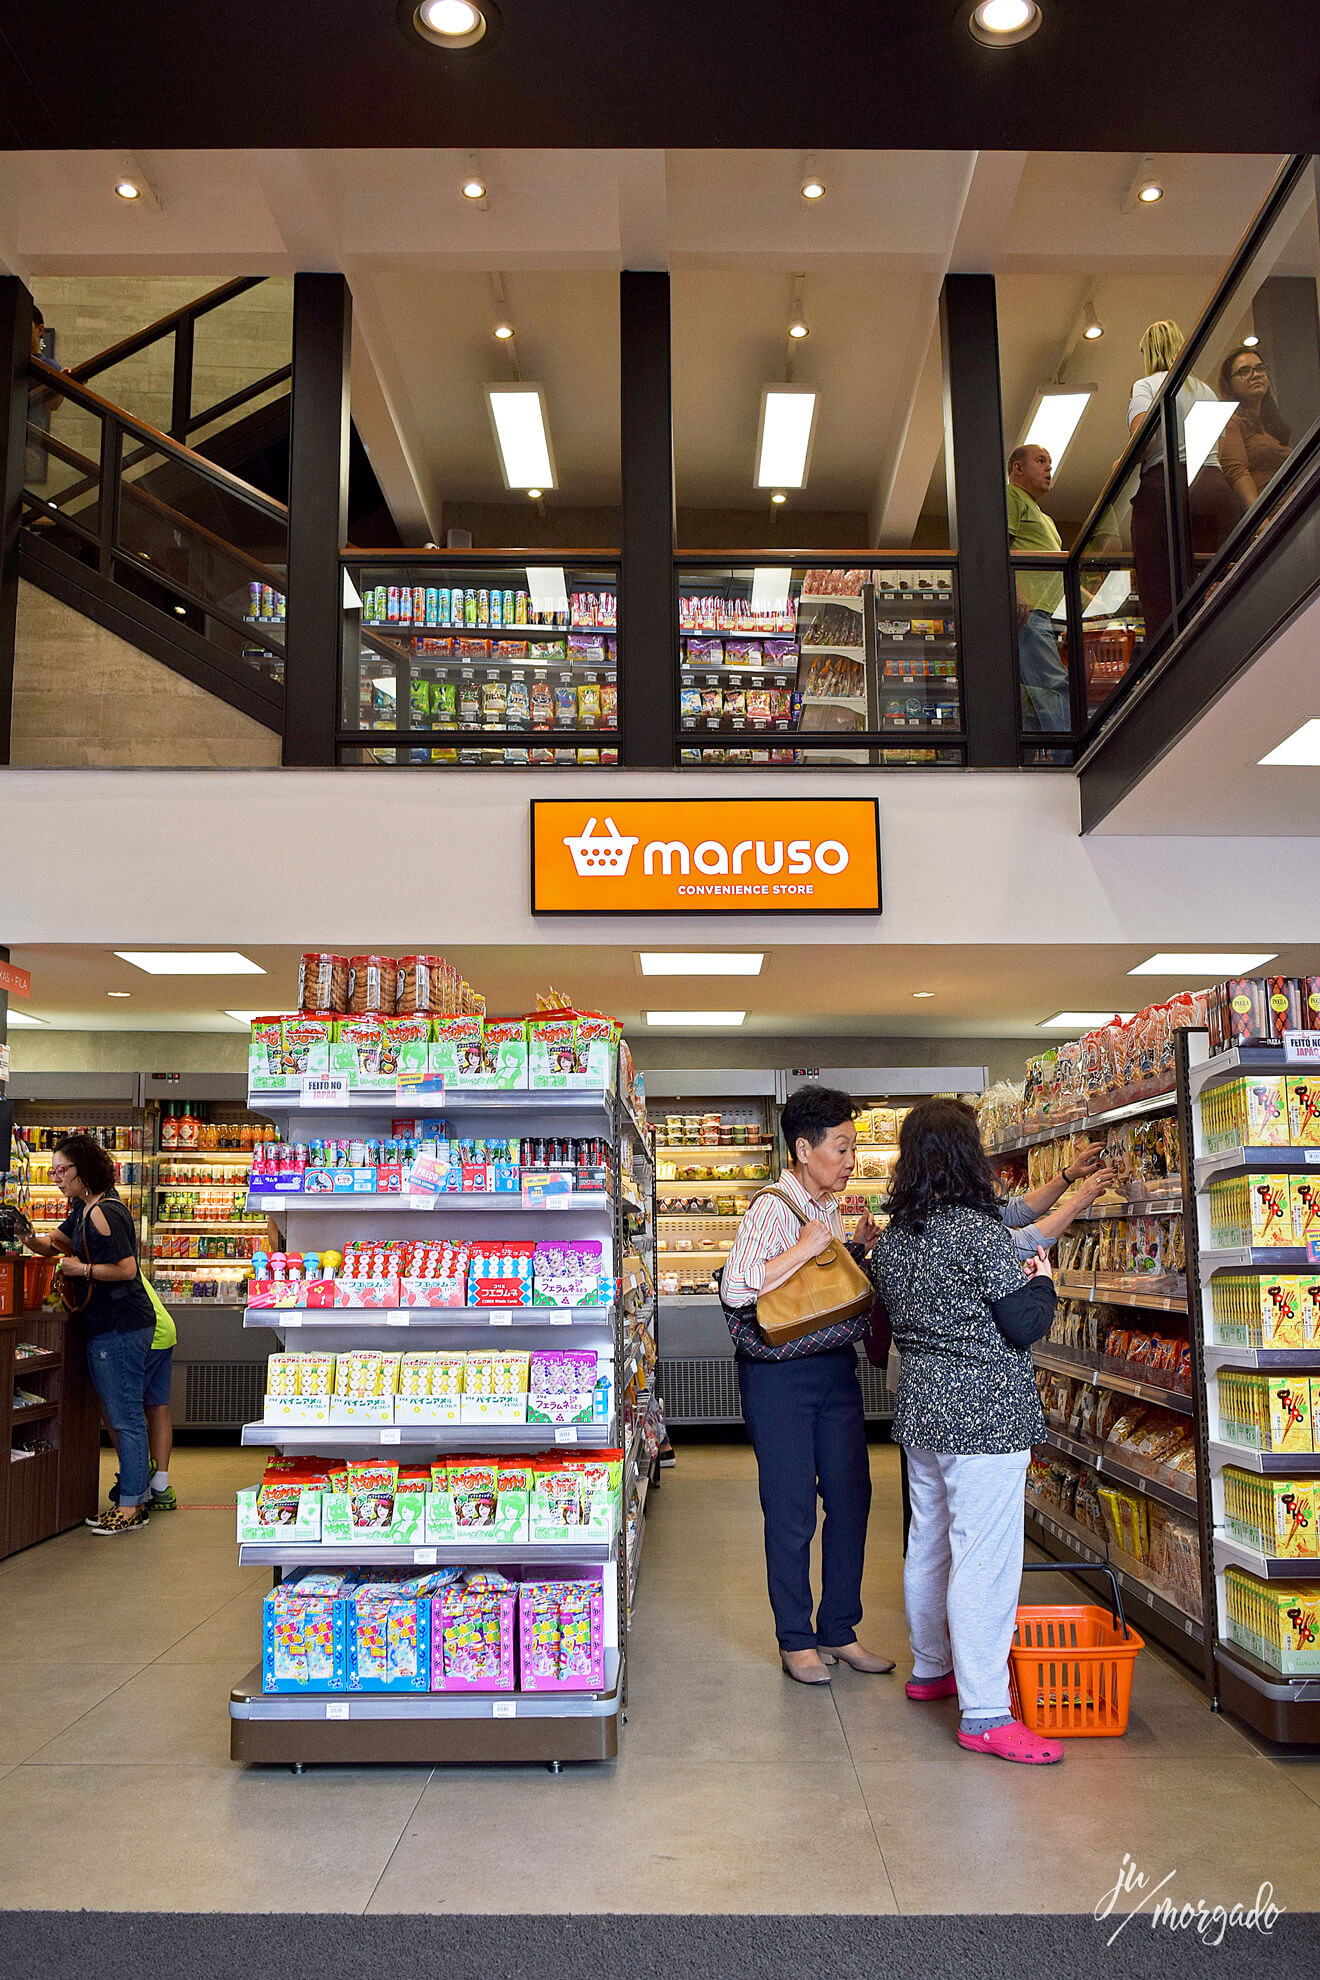 Entrada da loja Maruso em São Paulo.